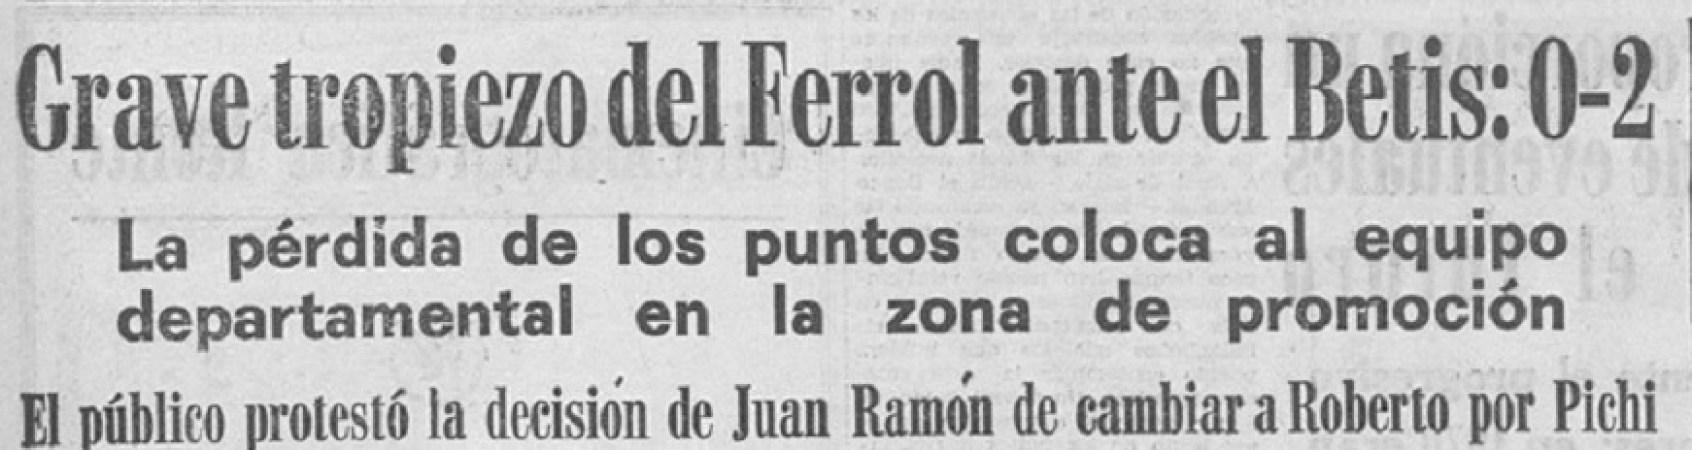 Hoy hace 51 años. Racing Ferrol 0 Betis 2.